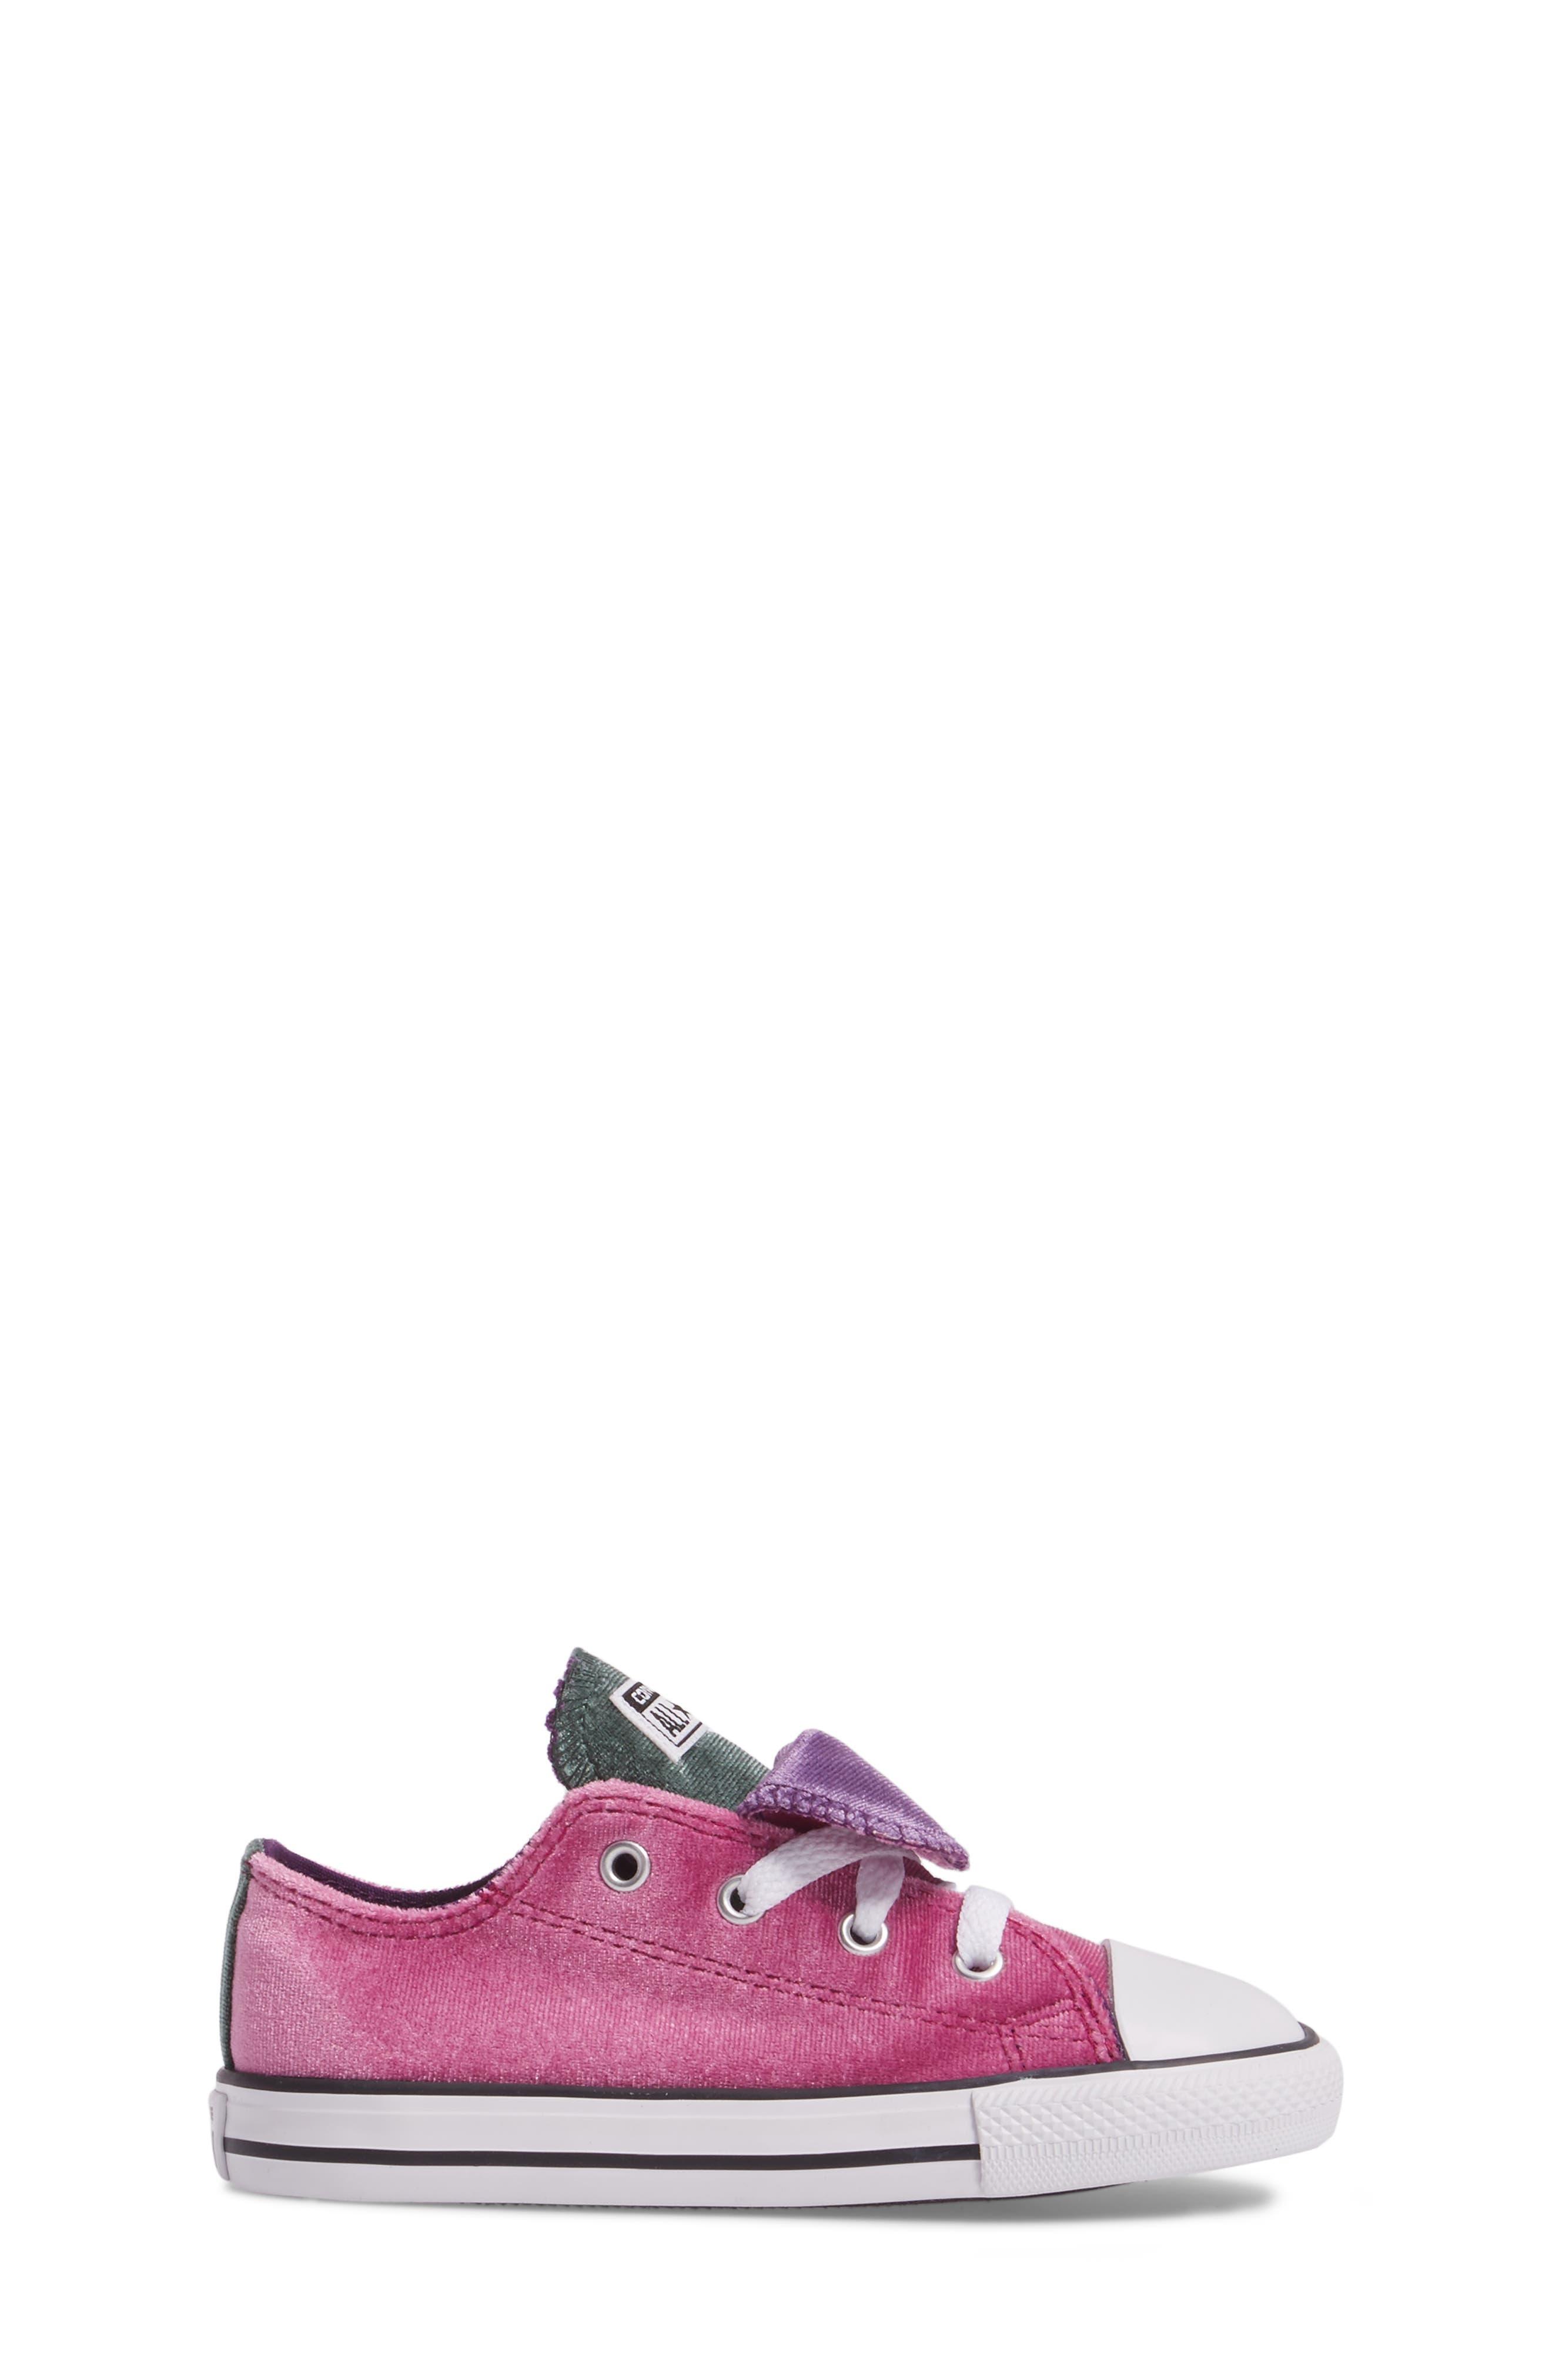 Alternate Image 3  - Converse All Star® Velvet Double Tongue Sneaker (Baby, Walker & Toddler)